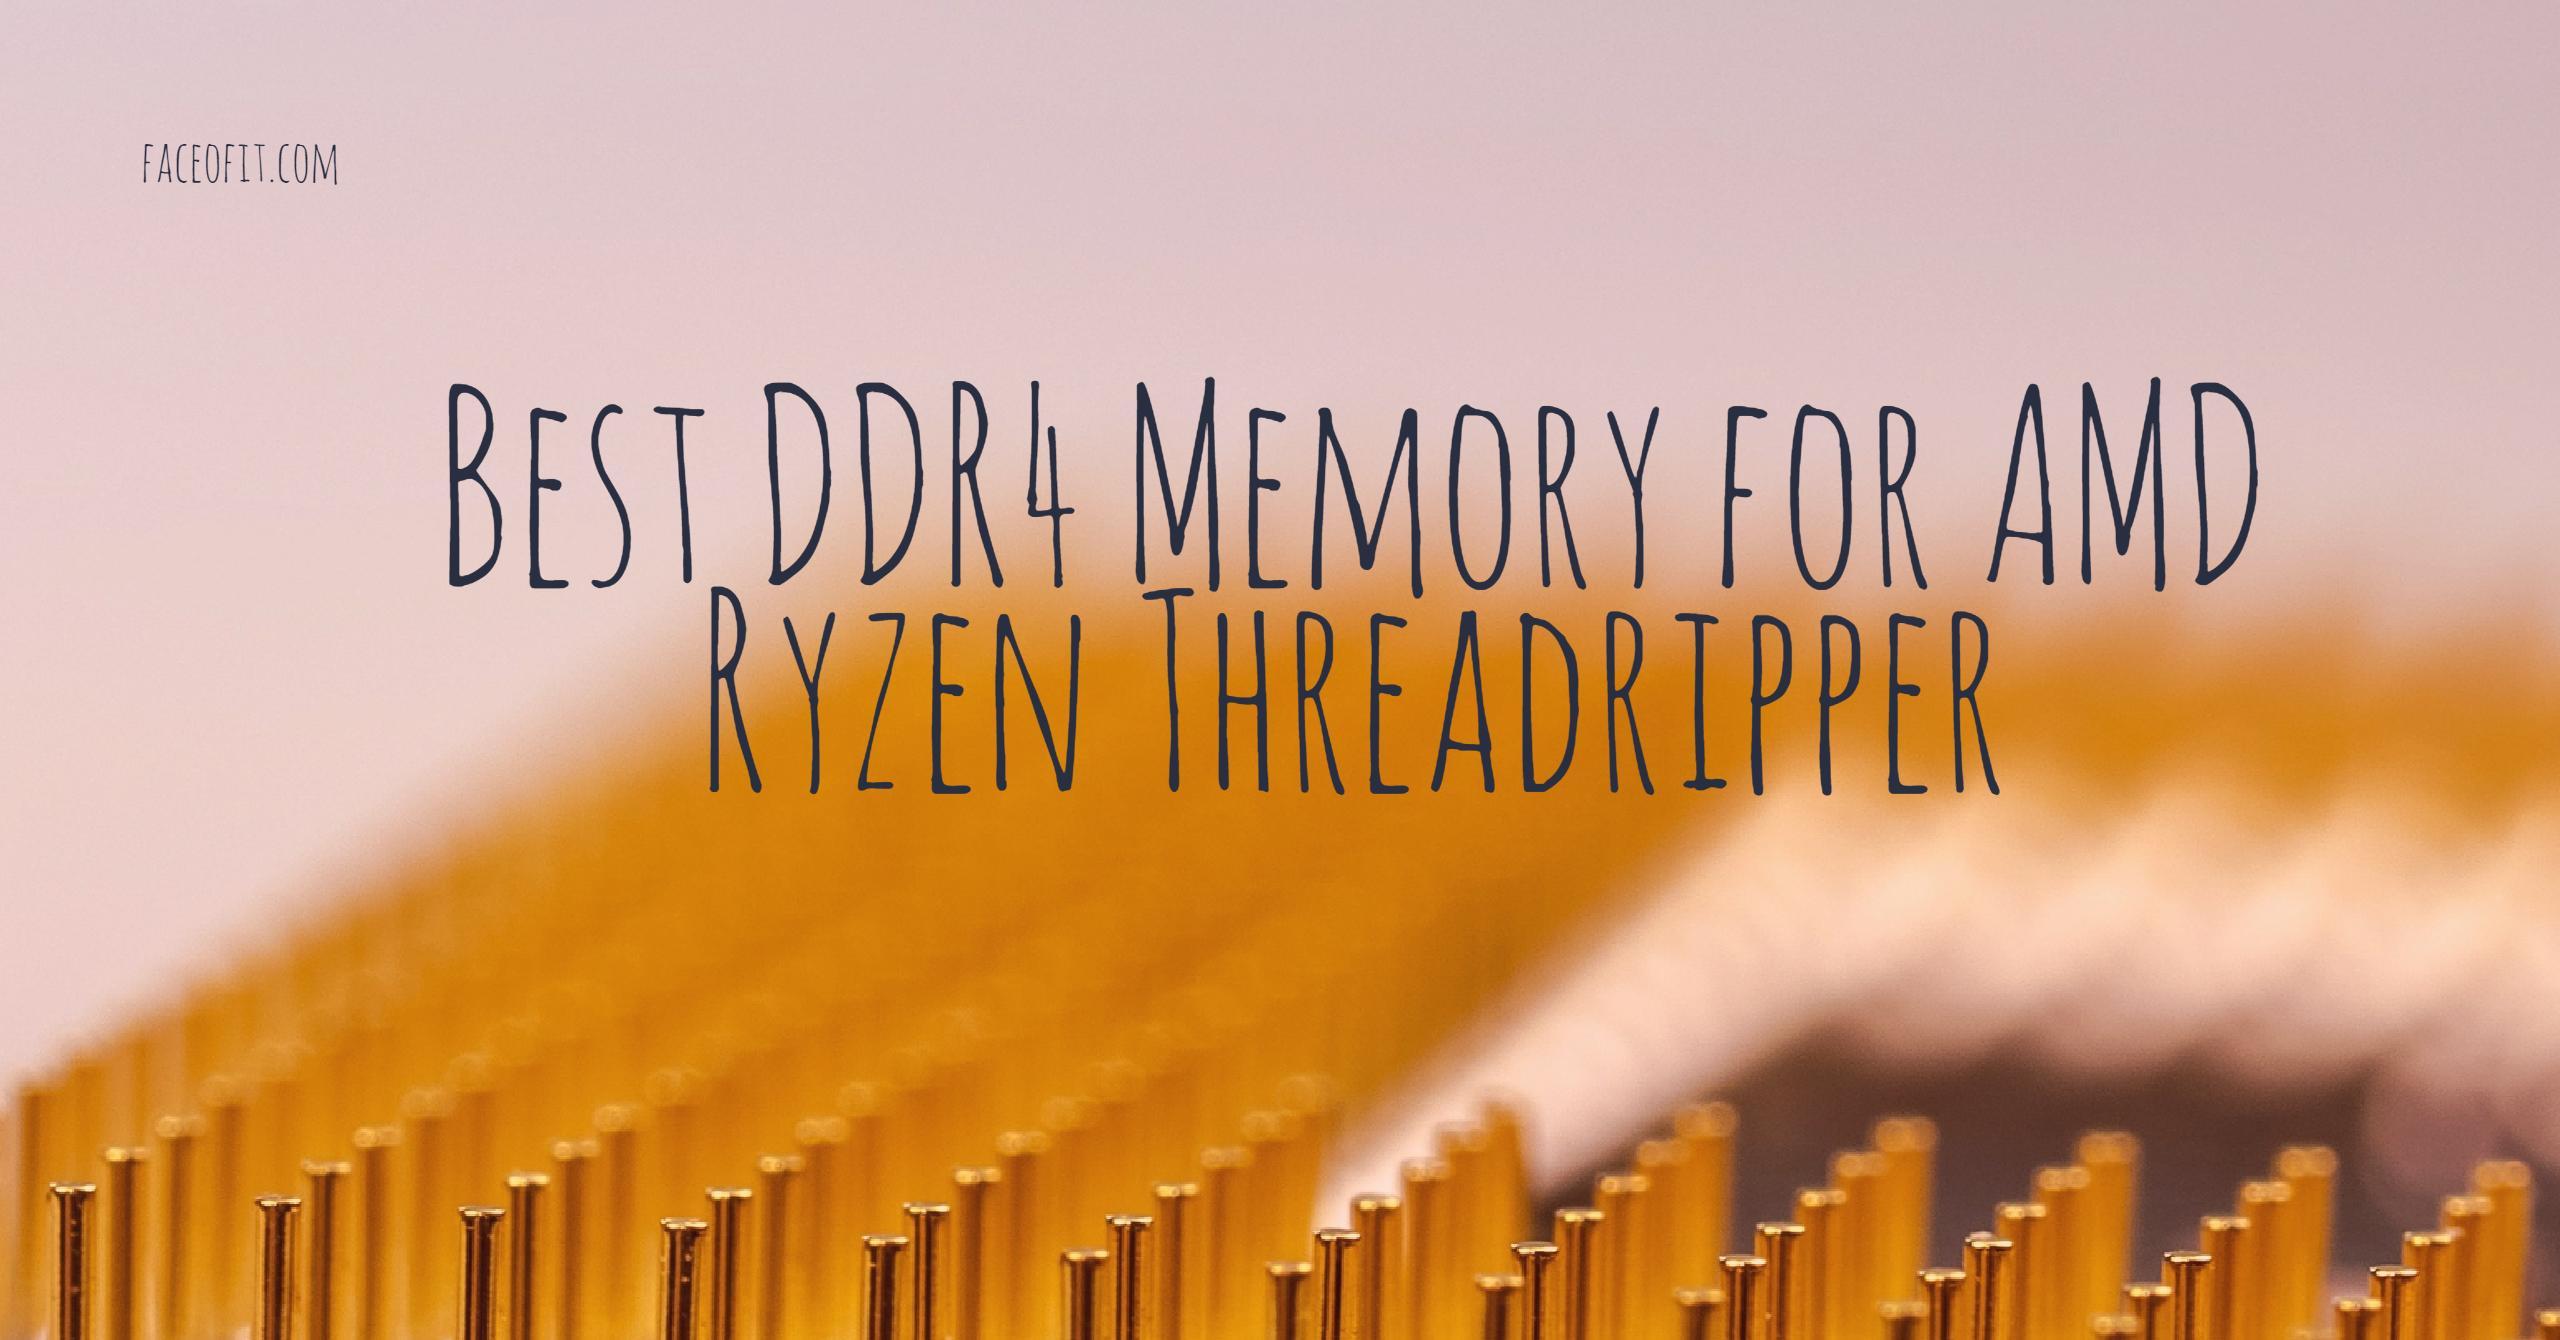 Best DDR4 Memory For AMD Ryzen Threadripper CPUs 1950x 1920x